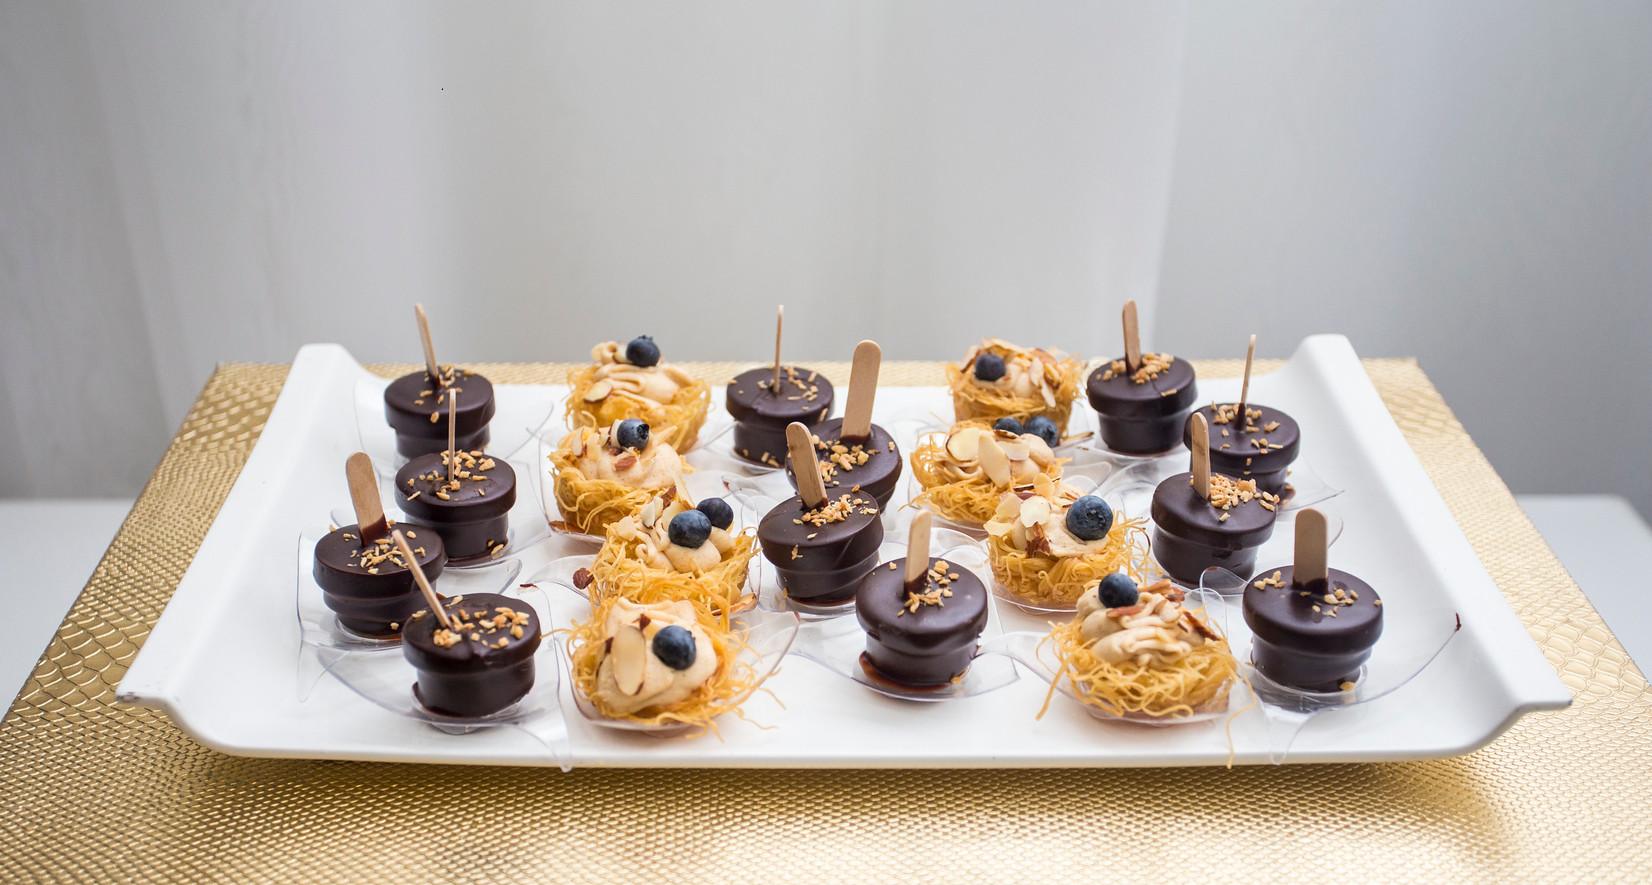 Miami Venue / Miami Catering - Desserts